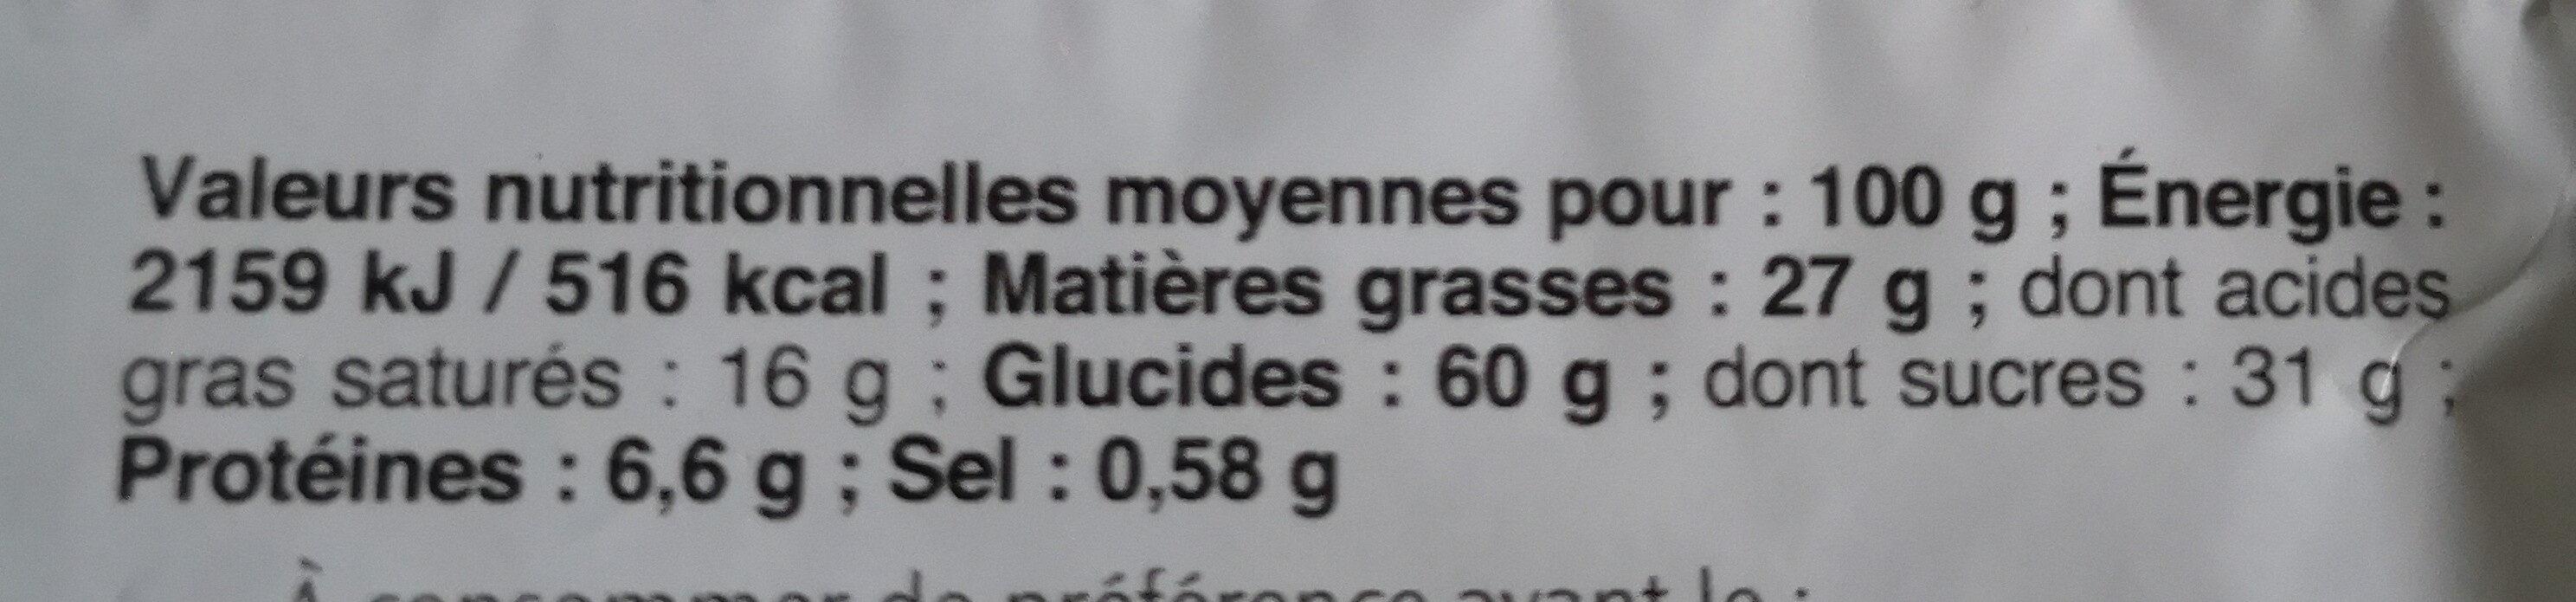 Cookie chocolat noisettes - Voedingswaarden - fr